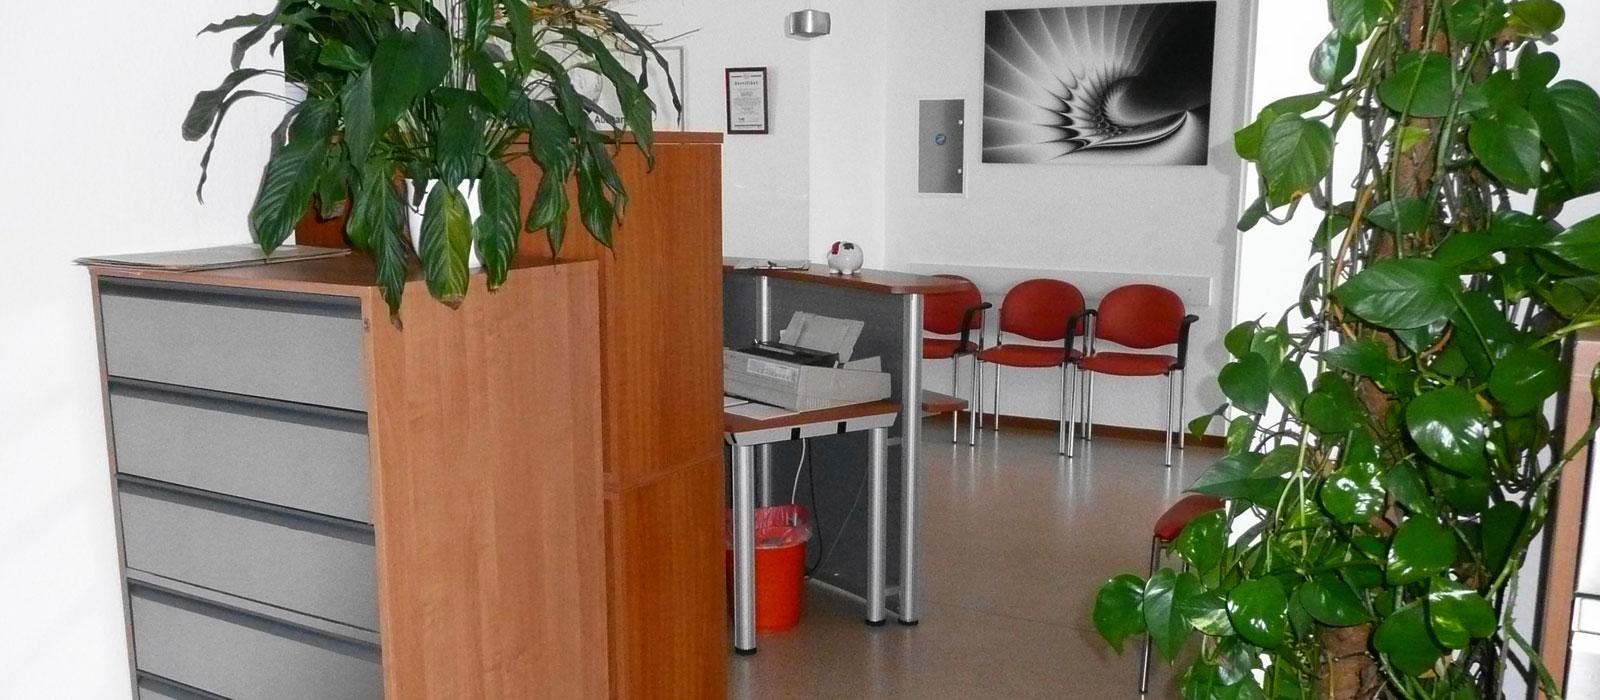 Praxis Orthopädie Dr. Popov Heusweiler